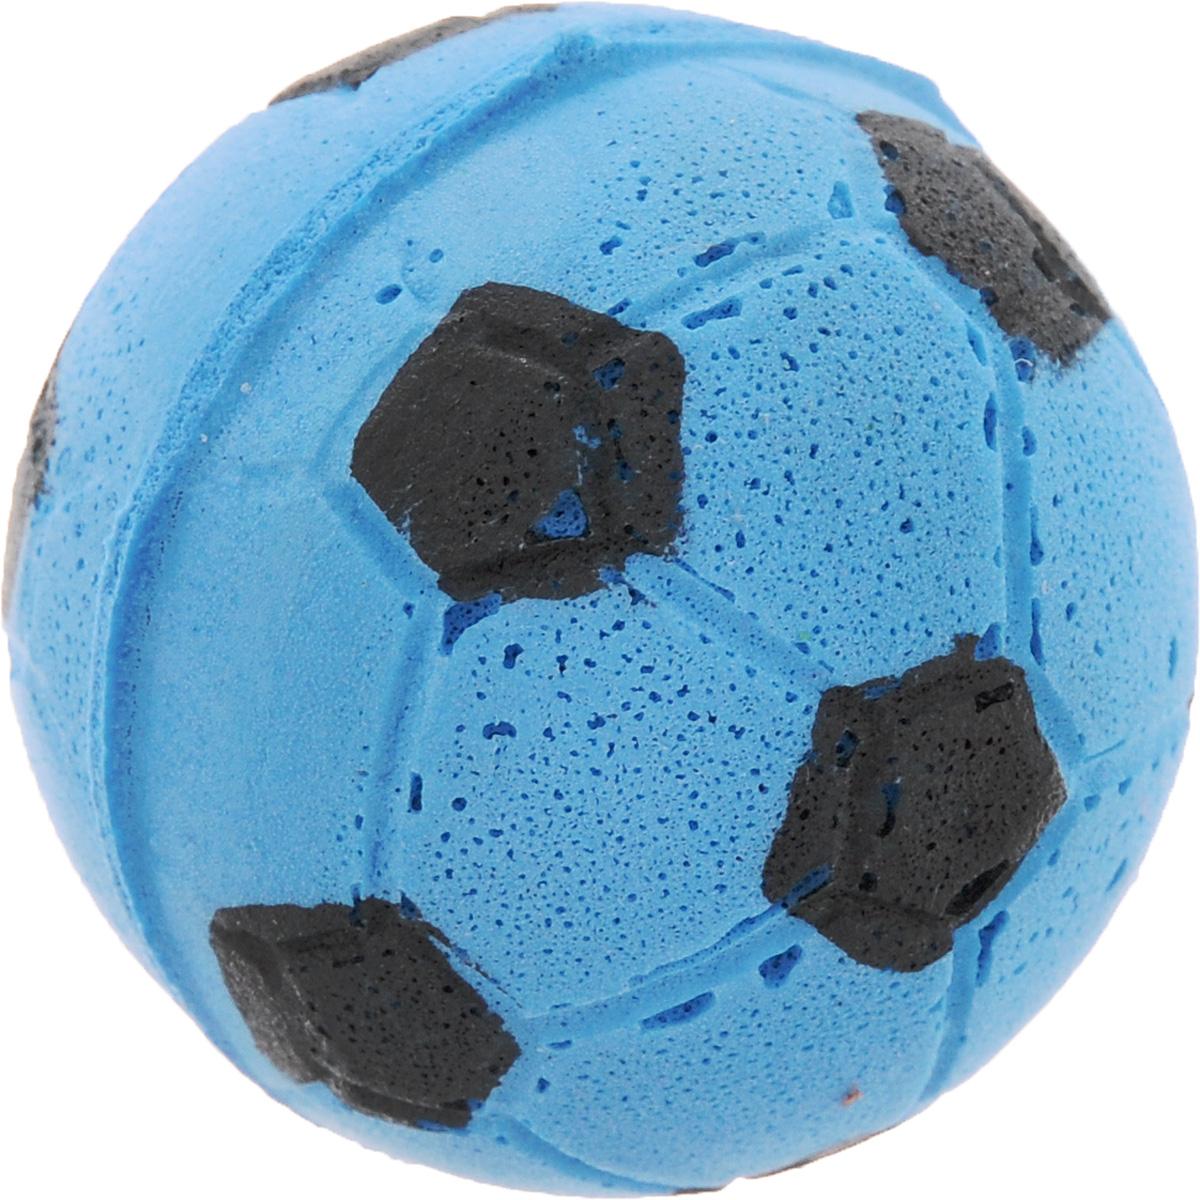 Игрушка для животных Каскад Мячик зефирный. Футбольный, цвет: синий, диаметр 4,5 см27799305Игрушка для животных Каскад Мячик зефирный. Футбольный, изготовленная из мягкого и прочного материала, обязательно понравится вашему питомцу. Подойдет для собак мелких пород и кошек. Изделие отличается прочностью и в то же время гибкостью и эластичностью, имеет необычную структуру, напоминающую зефир. Необычная и забавная игрушка прекрасно подойдет для игр вашего любимца.